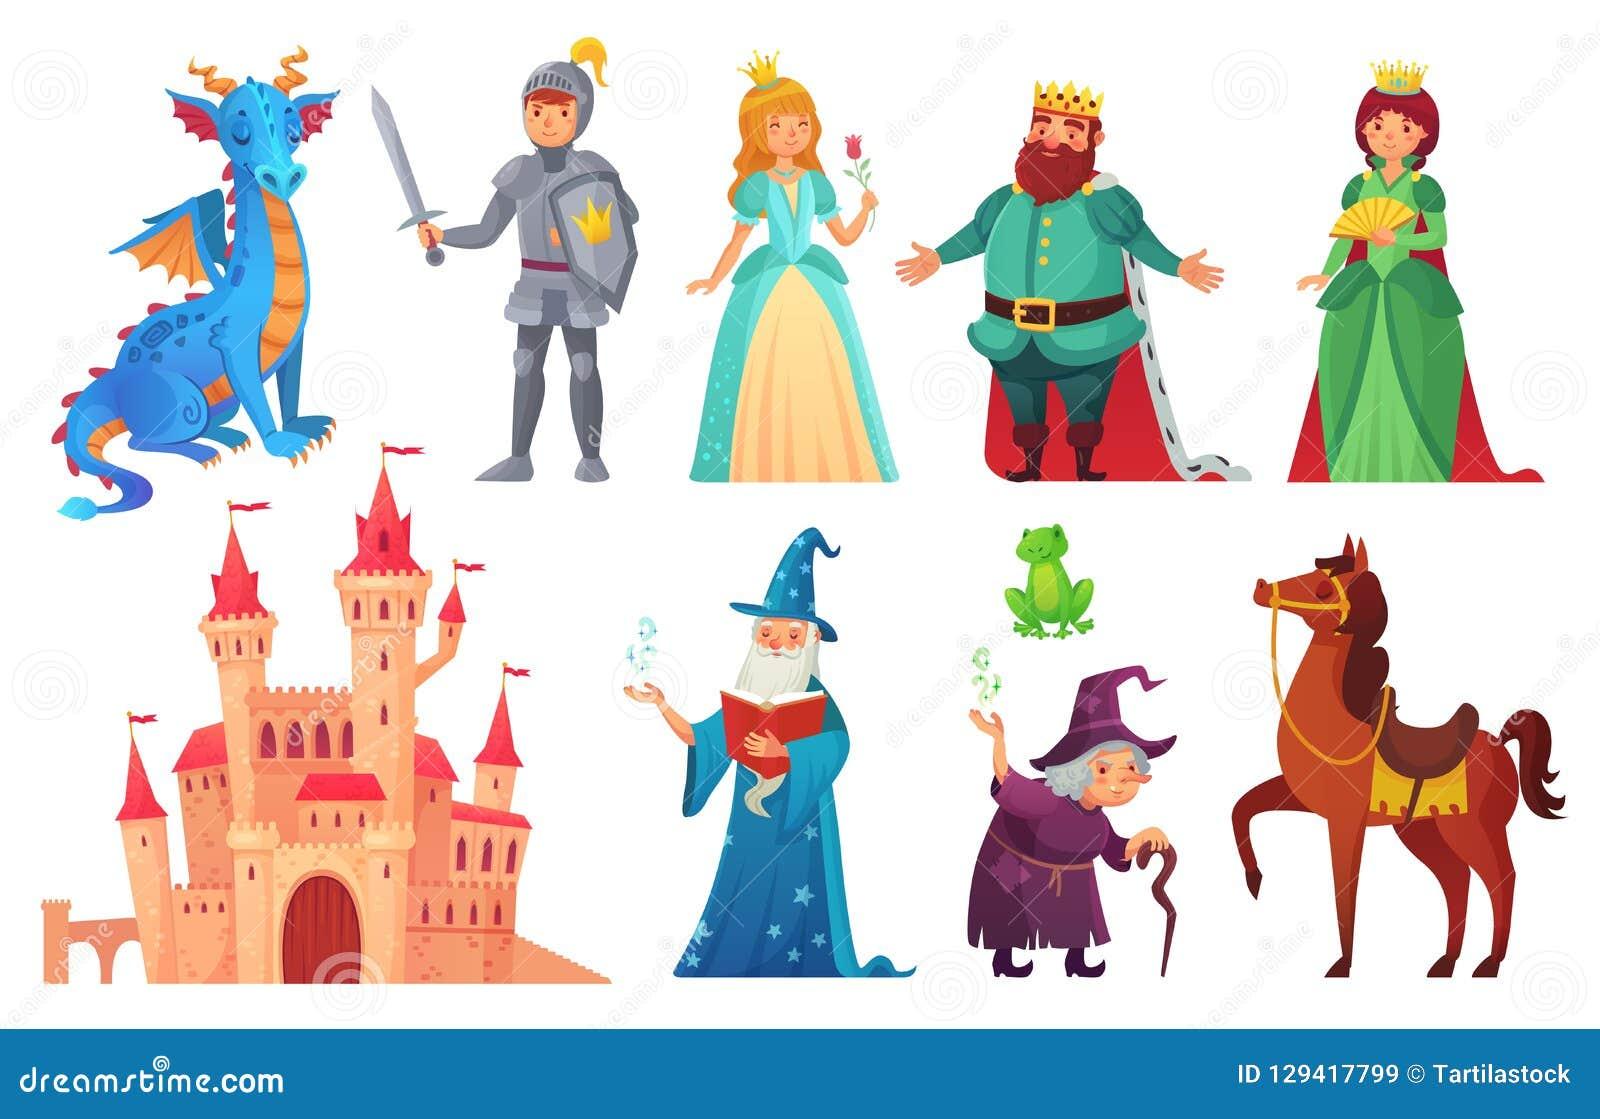 Märchencharaktere Fantasieritter und -drache, Prinz und Prinzessin, magische Weltkönigin und König lokalisierte Karikatur